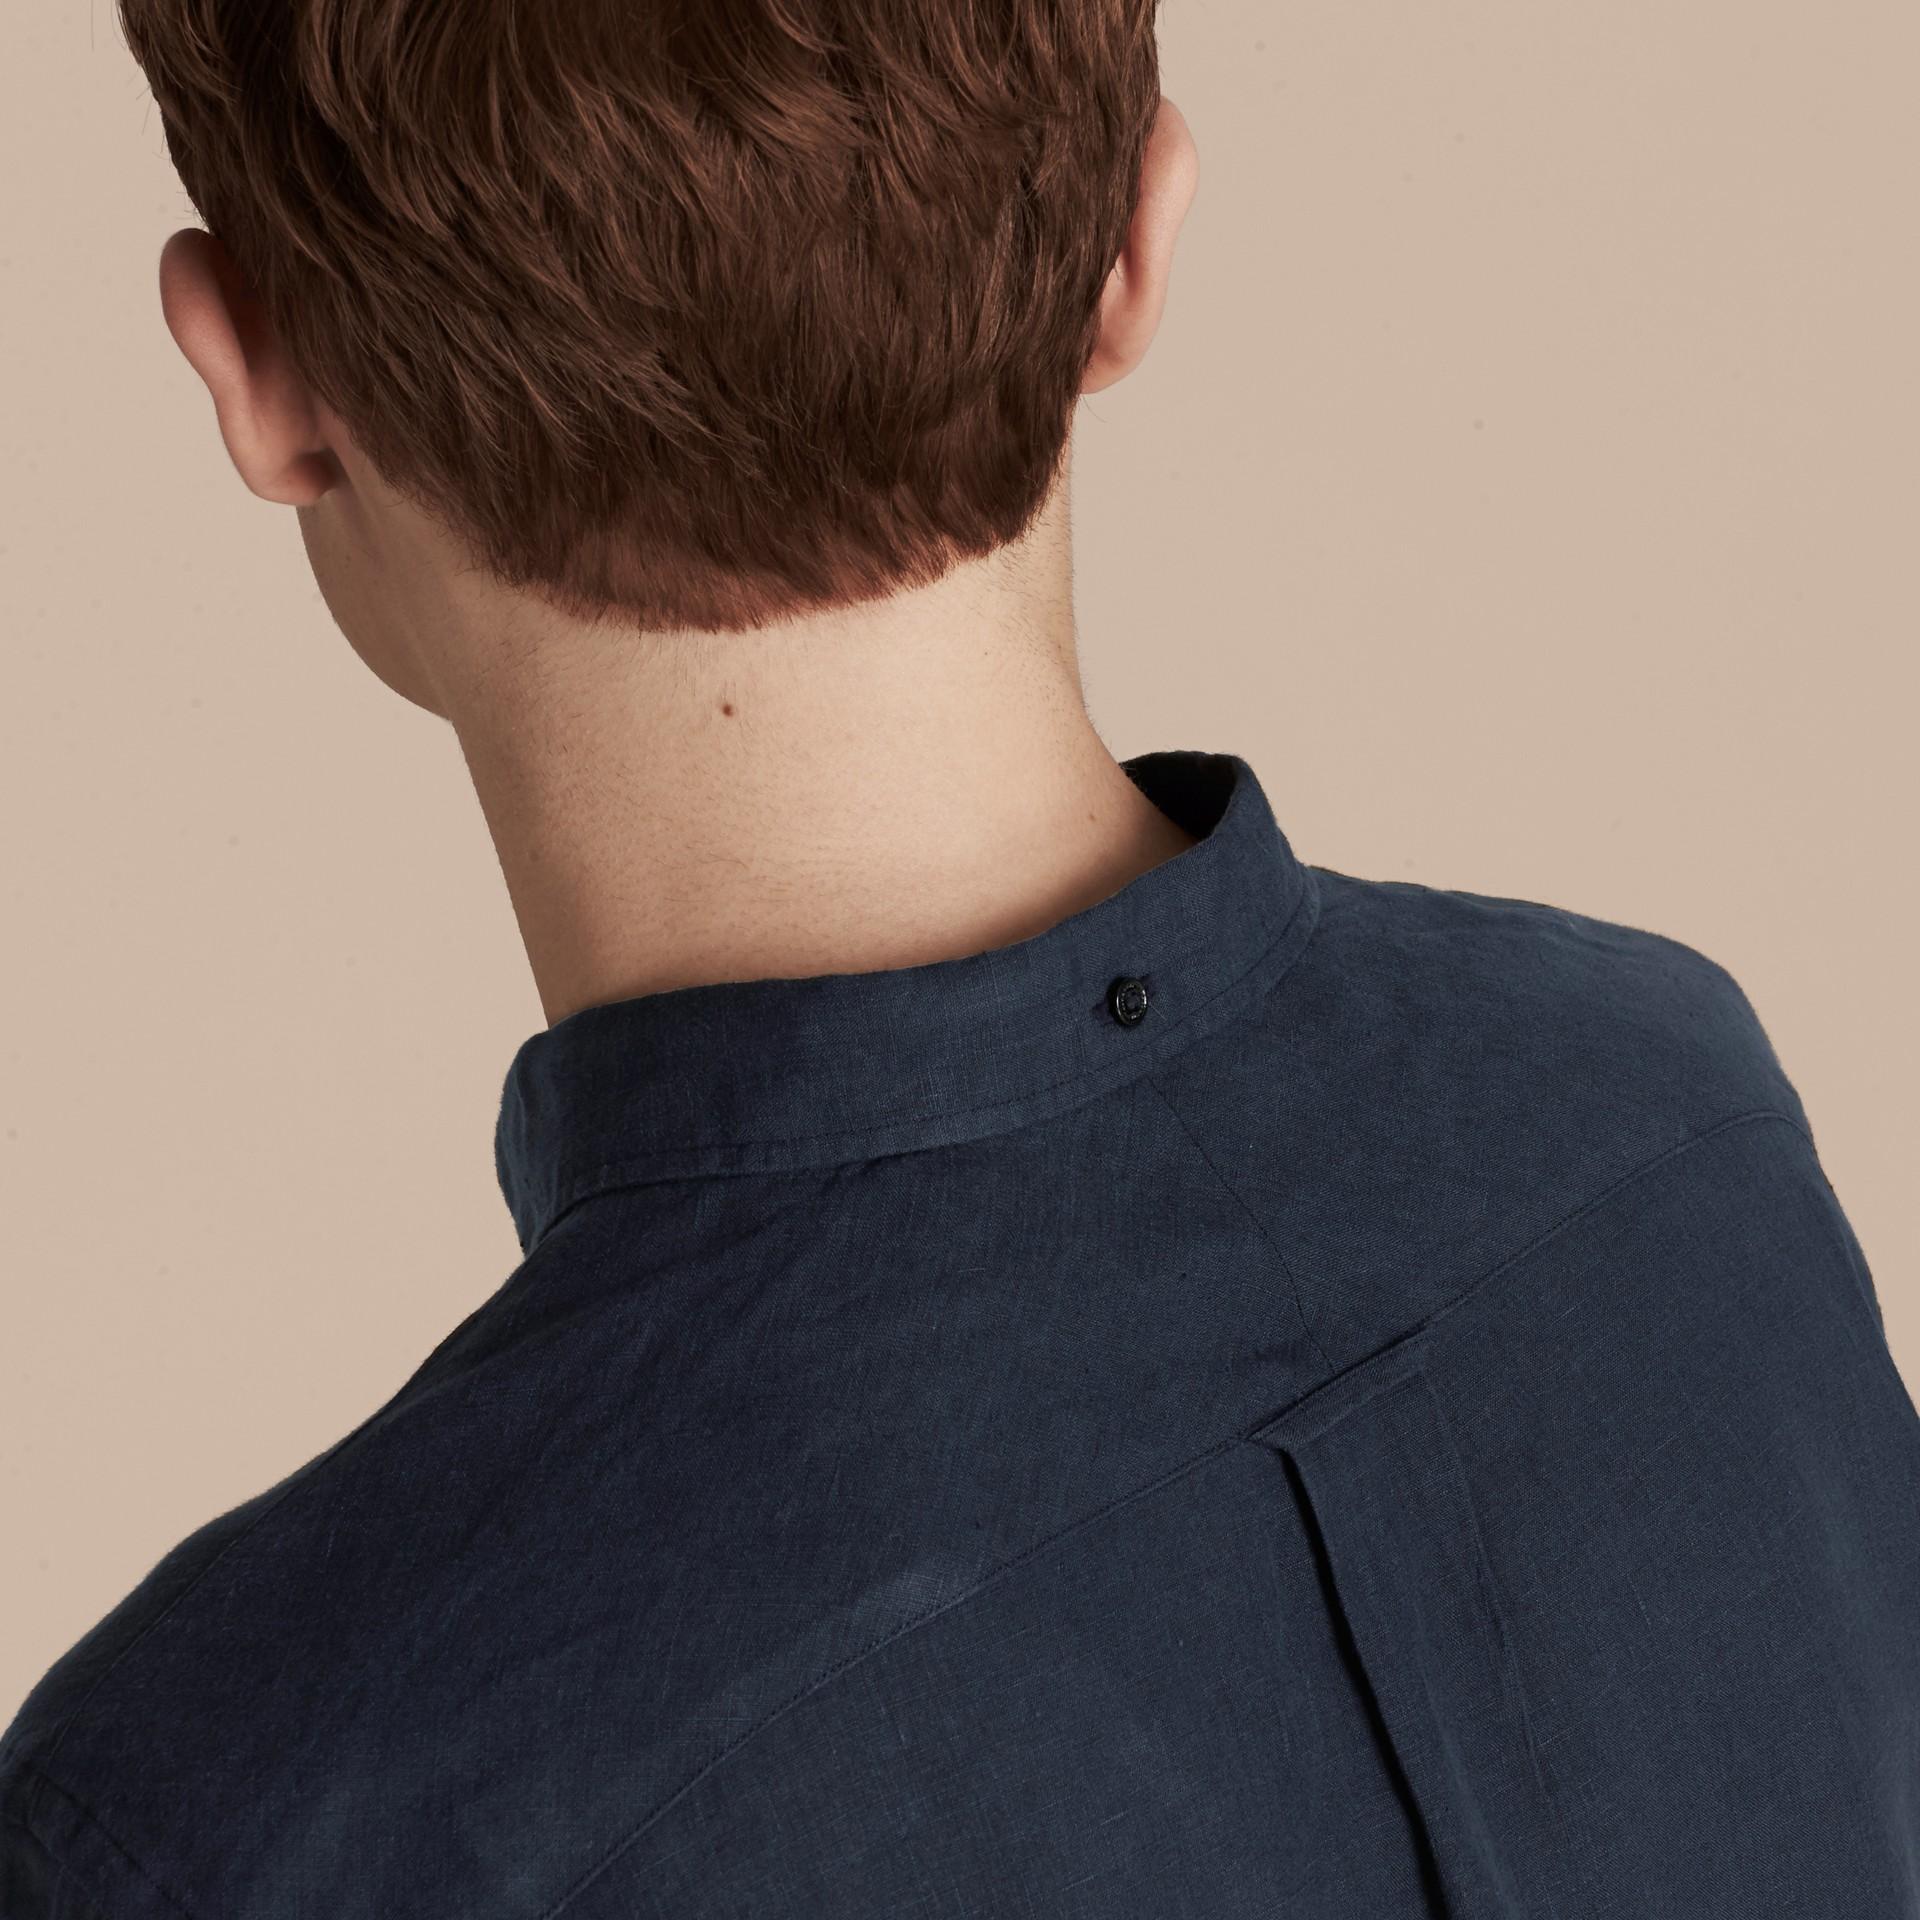 네이비 버튼 다운 칼라 리넨 셔츠 네이비 - 갤러리 이미지 4